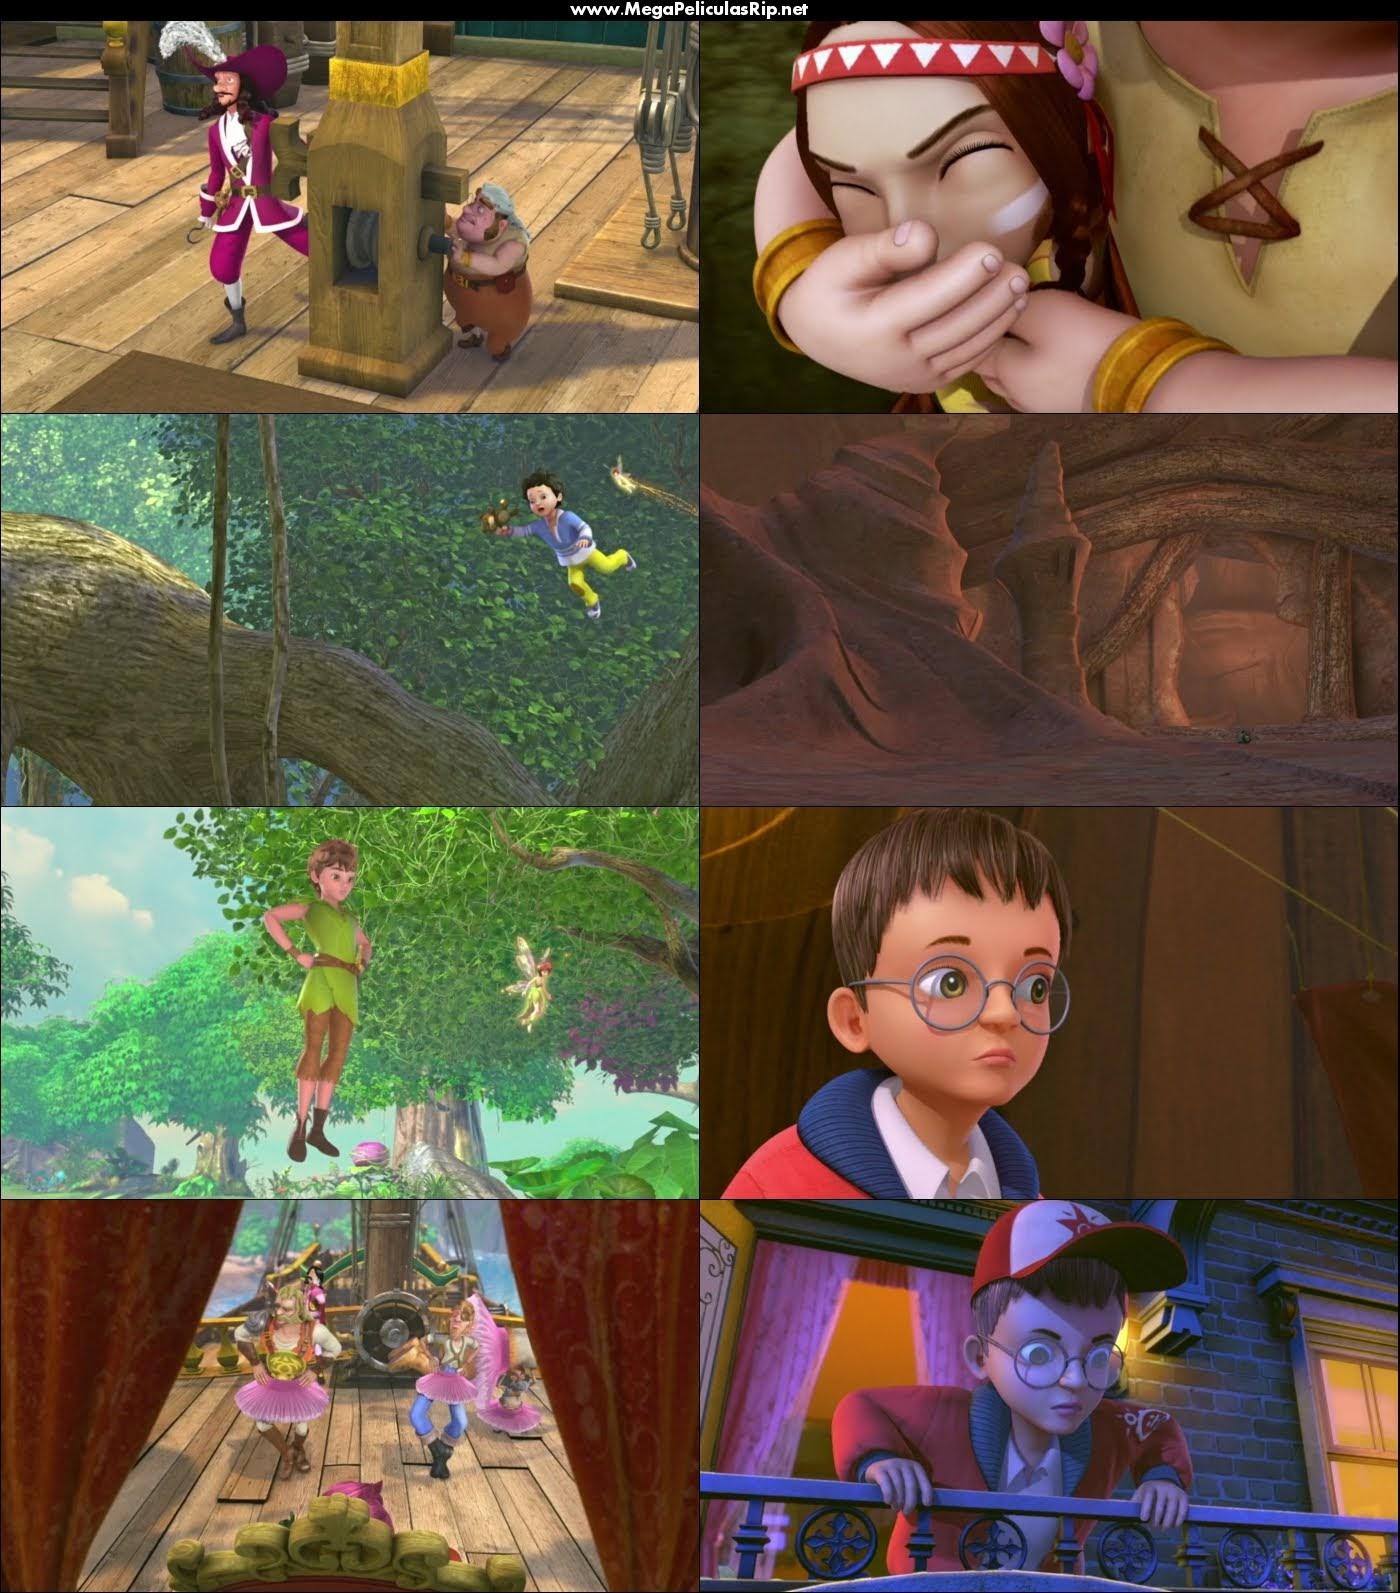 Las Nuevas Aventuras De Peter Pan 1080p Latino